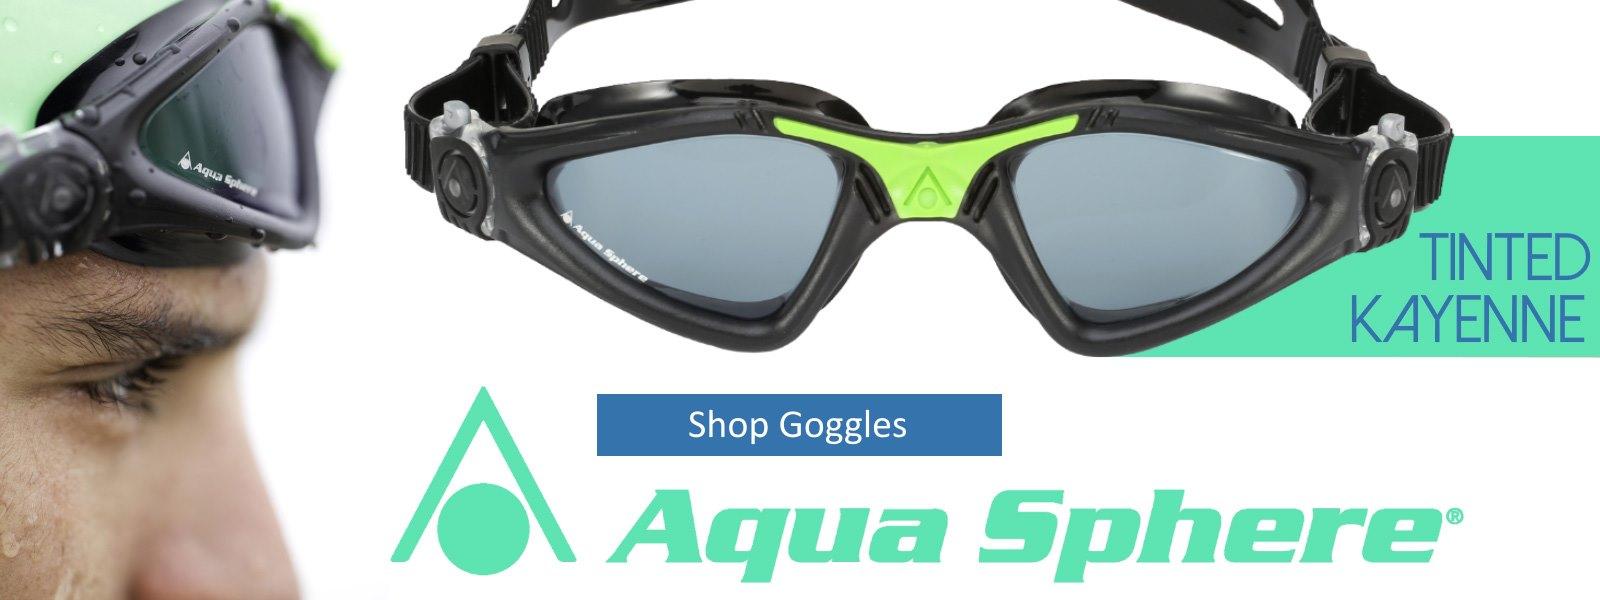 Aqua Sphere Kayenne - Shop All Aqua Sphere